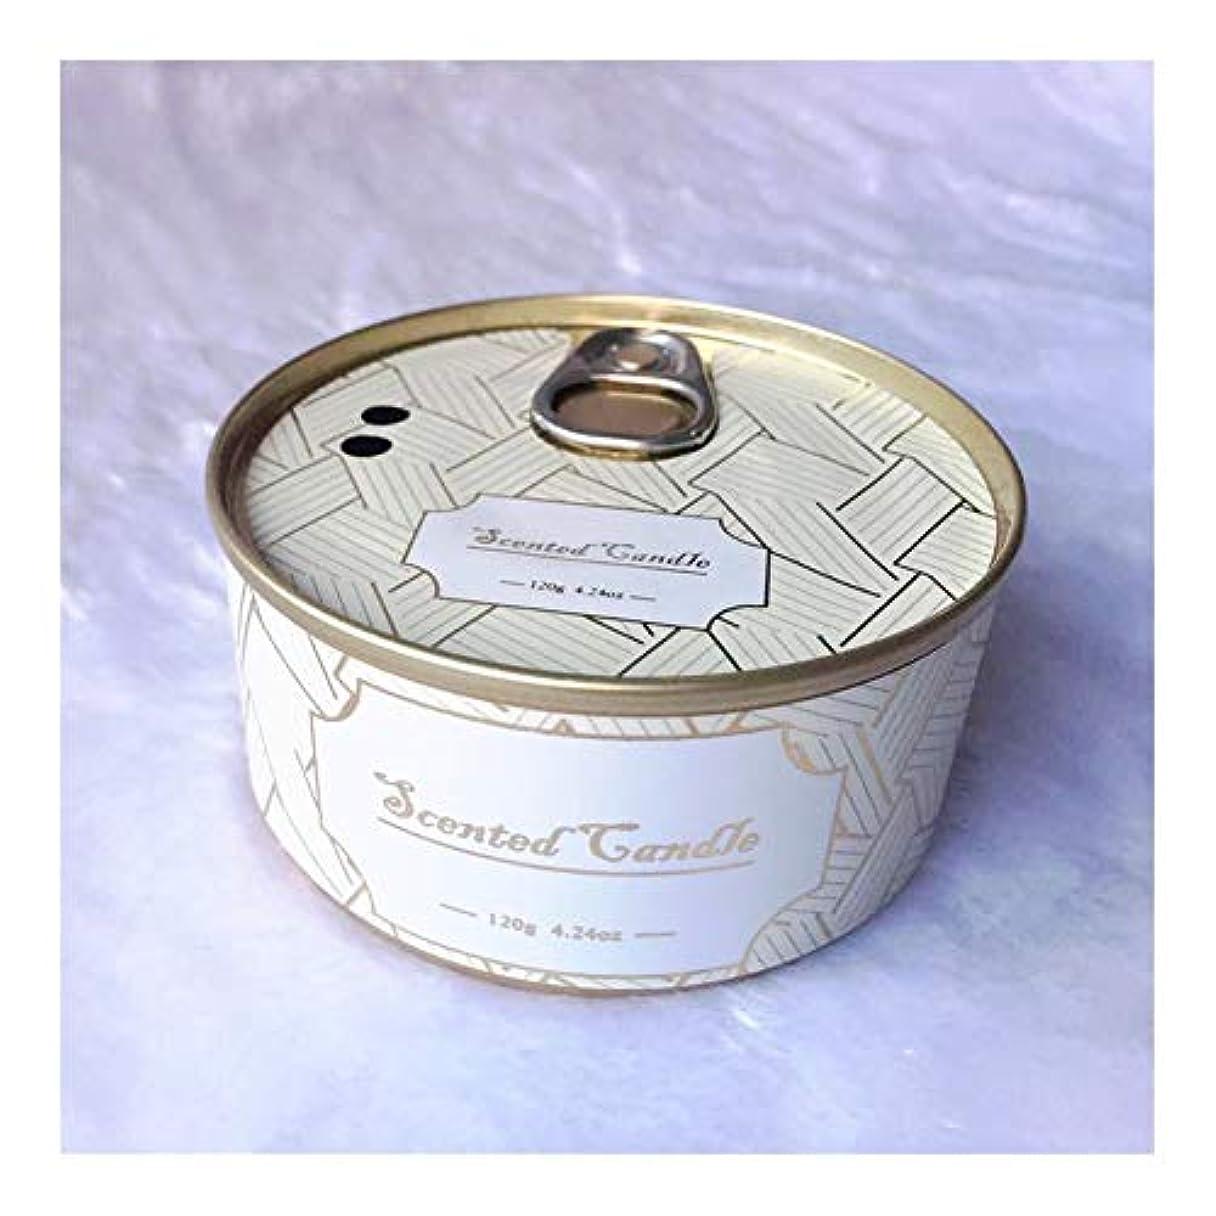 噛むコカイン何十人もGuomao ブリキ缶植物エッセンシャルオイル大豆ワックスジュニパーラベンダーの香りのキャンドル (色 : Lavender)